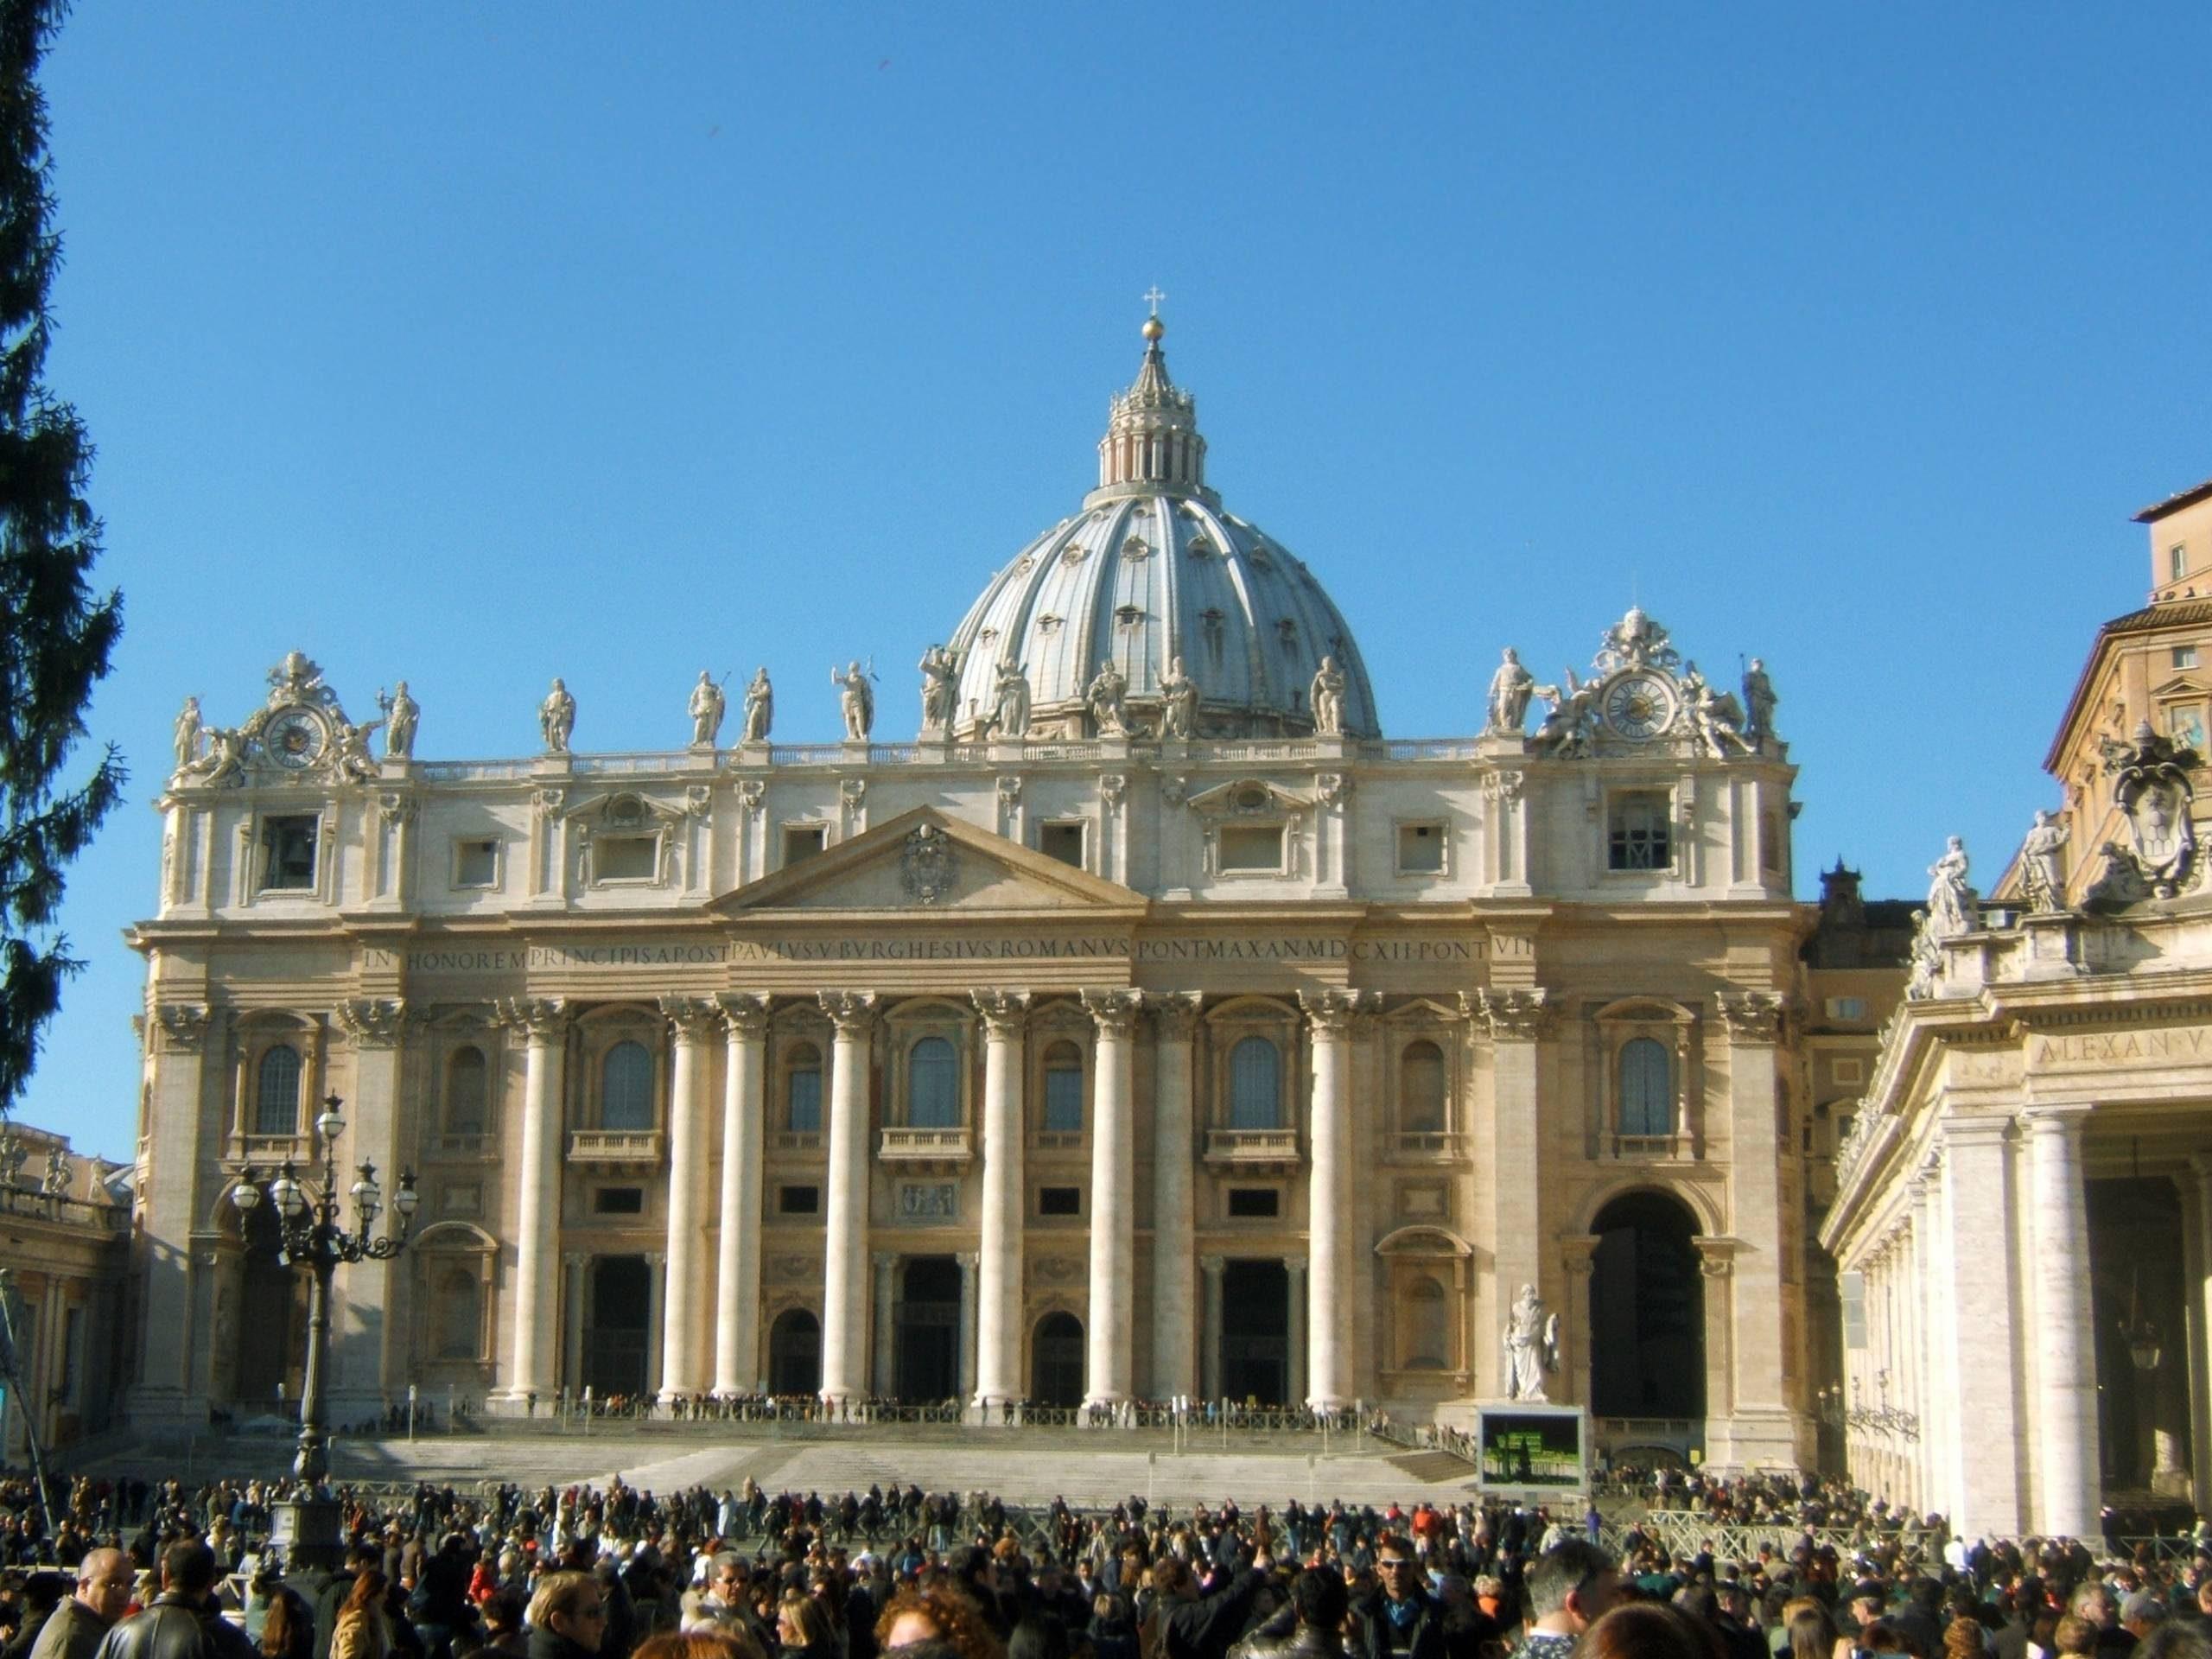 Basilique-Saint-Pierre-Vatican-Rome